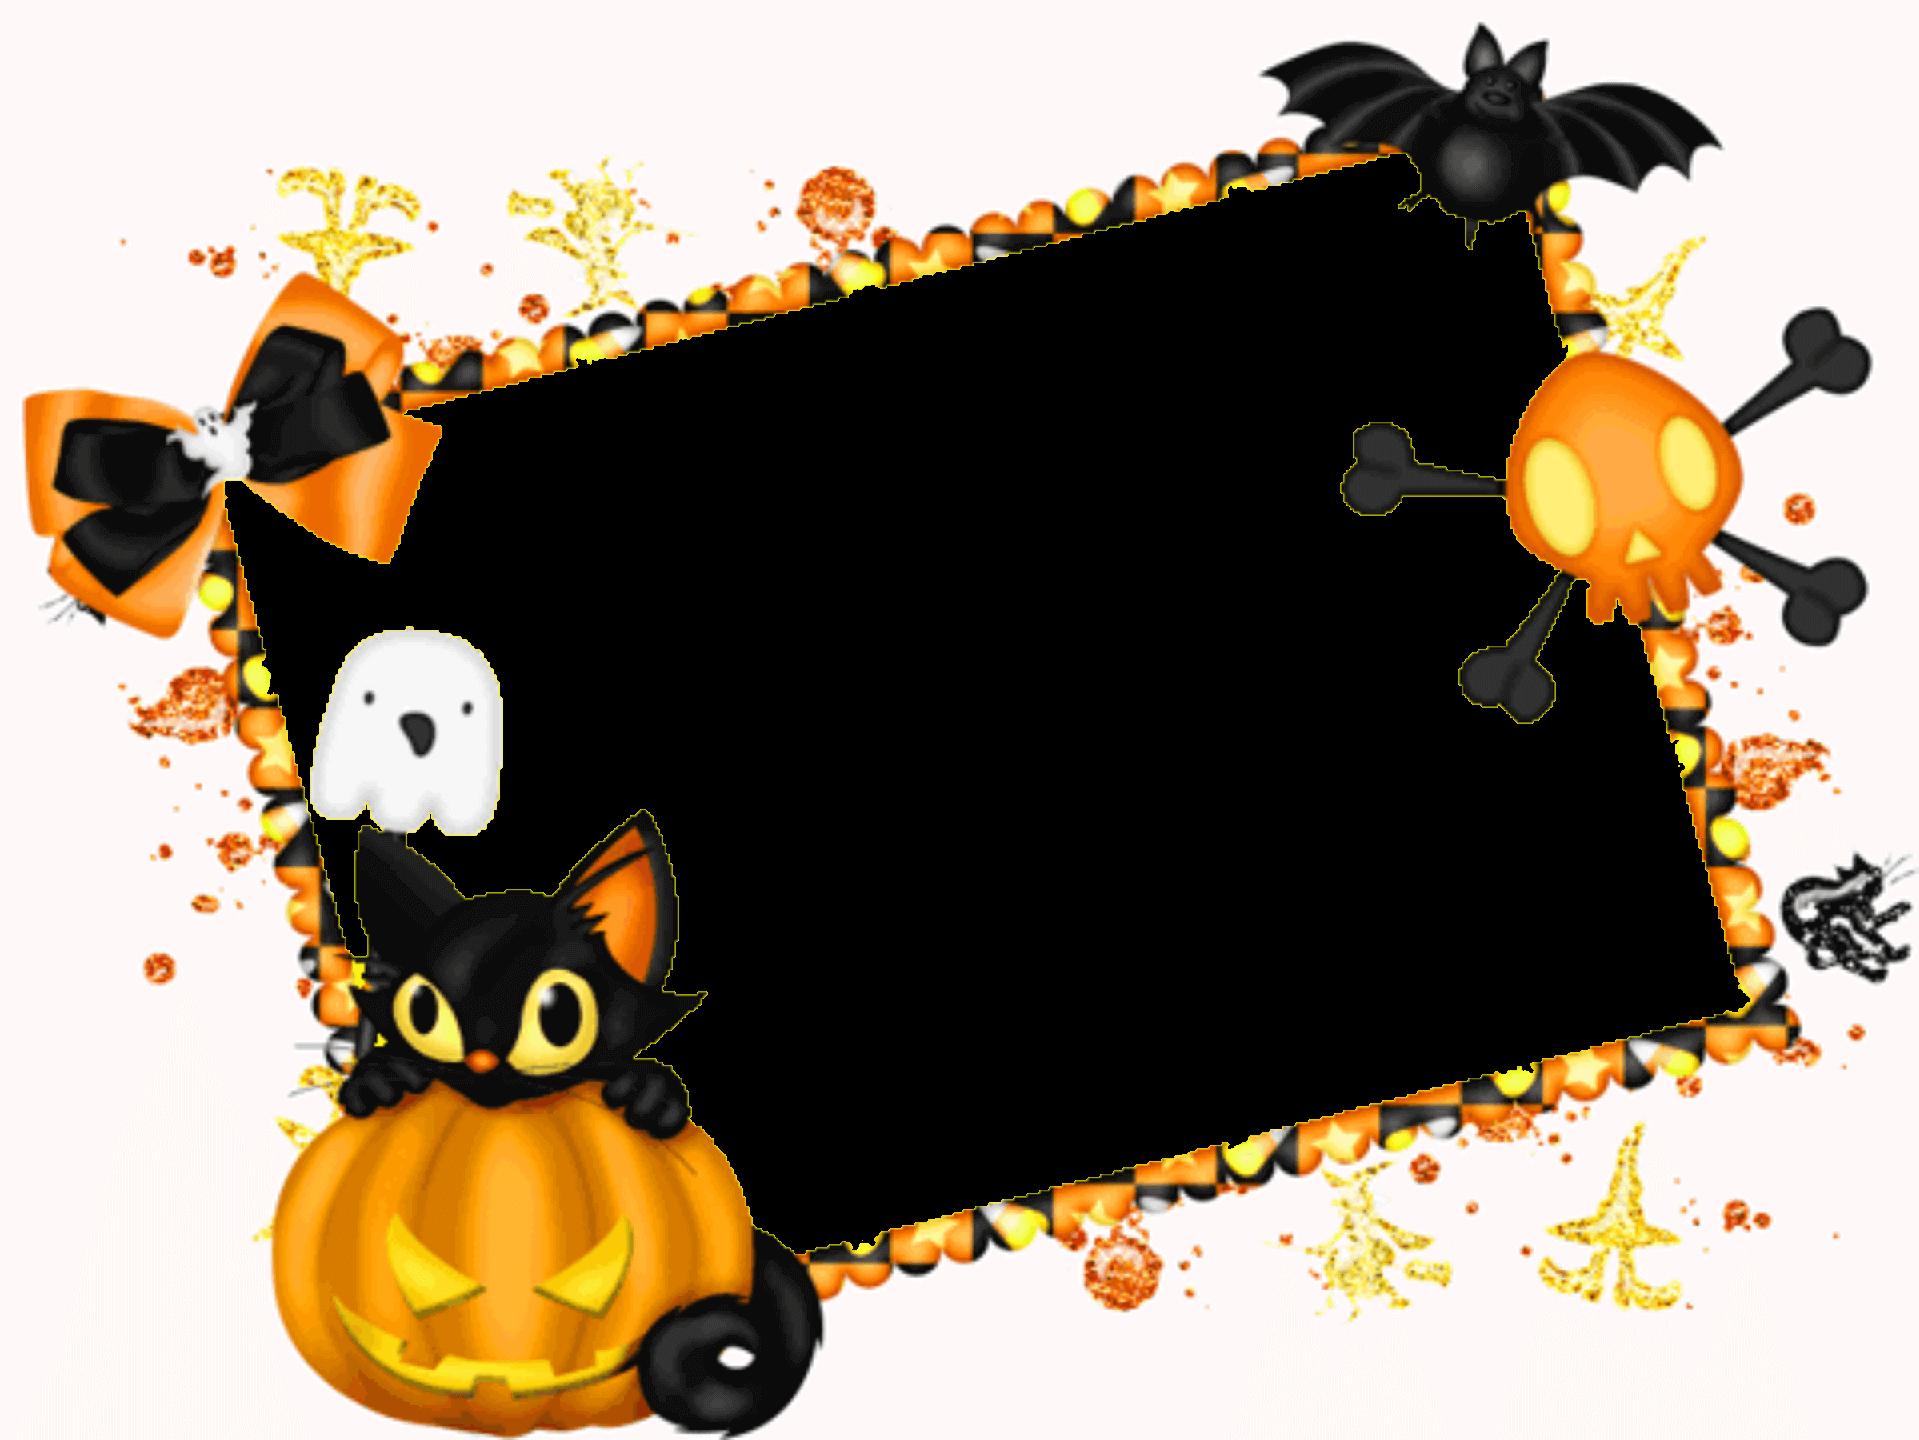 Marco de Halloween con Espantapájaros | Descargar Marcos